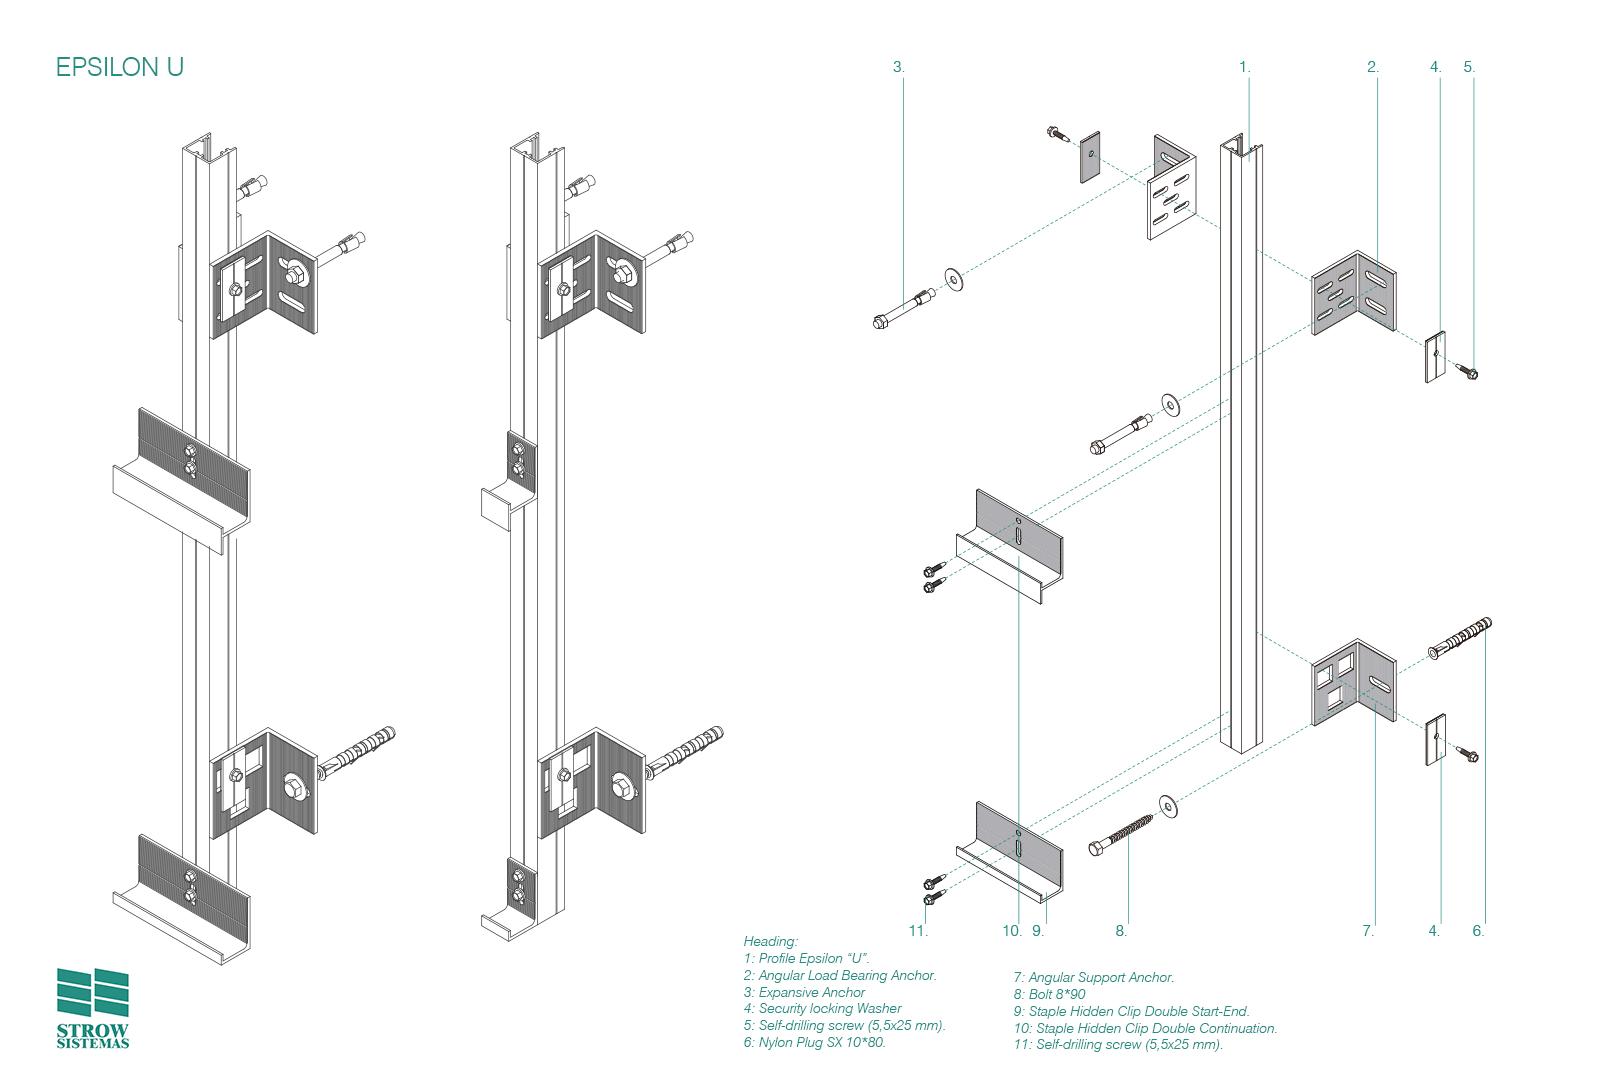 System Epsilon U